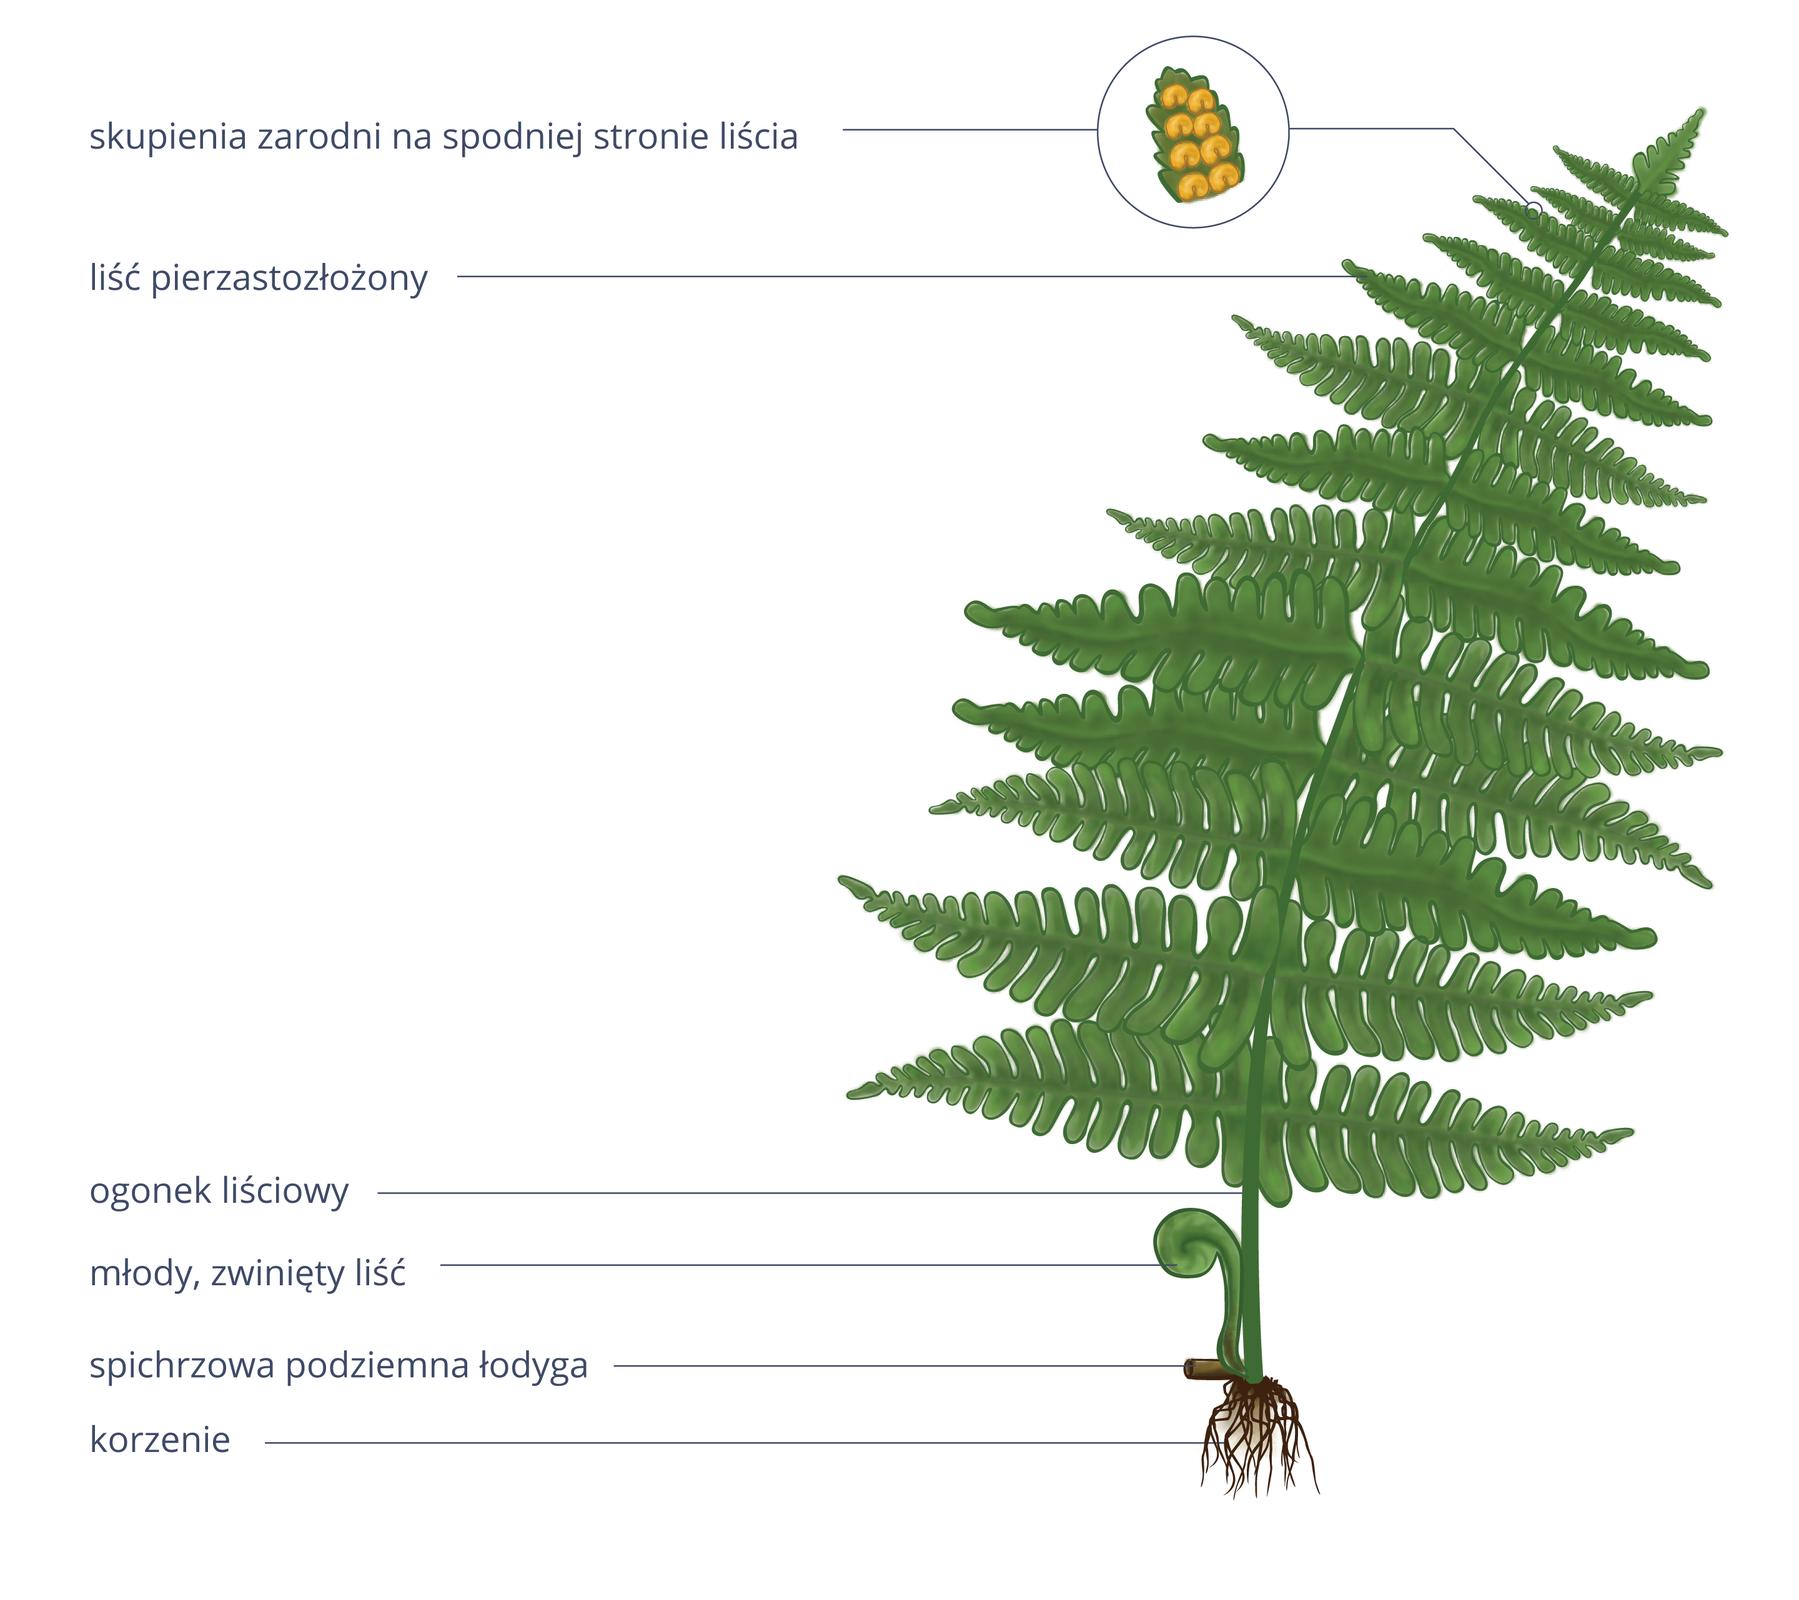 Ilustracja przedstawia duży, zielony, pierzasty liść paproci. Obok niego zbrązowego zgrubienia, czyli podziemnej spichrzowej łodygi wyrasta mały liść, zwinięty wkształt pastorału. Od łodygi wdół odchodzą liczne korzenie. Ugóry obok liścia powiększenie, wktórym ukazano fragment zielonego liścia zżółtymi skupieniami zarodni.